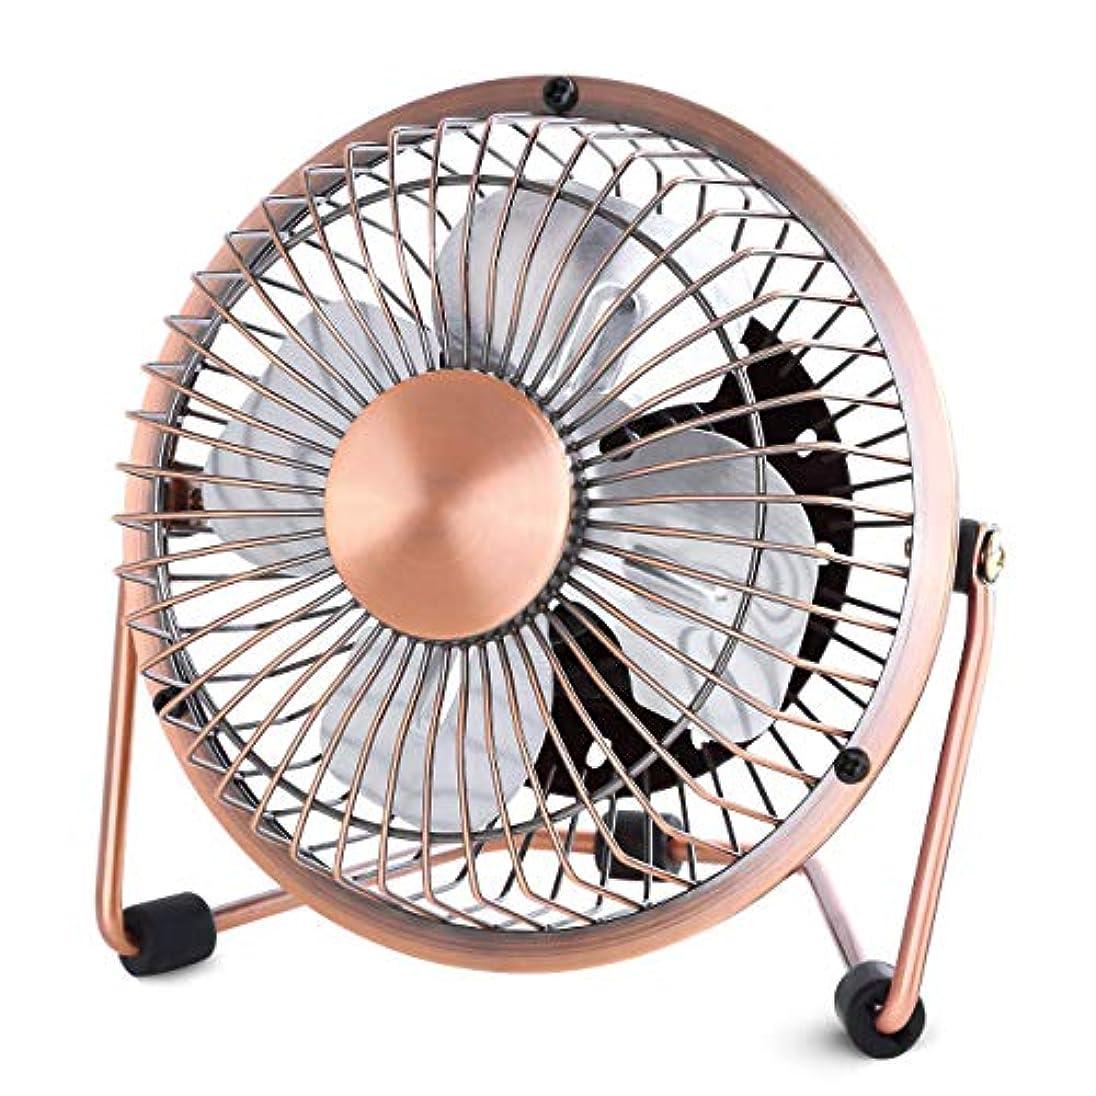 建物変換するパパ銅色4インチ扇風機 デスクファン 静音 パワフル 上下回転 オシャレ卓上扇風機 レトロ 無段階風量調節